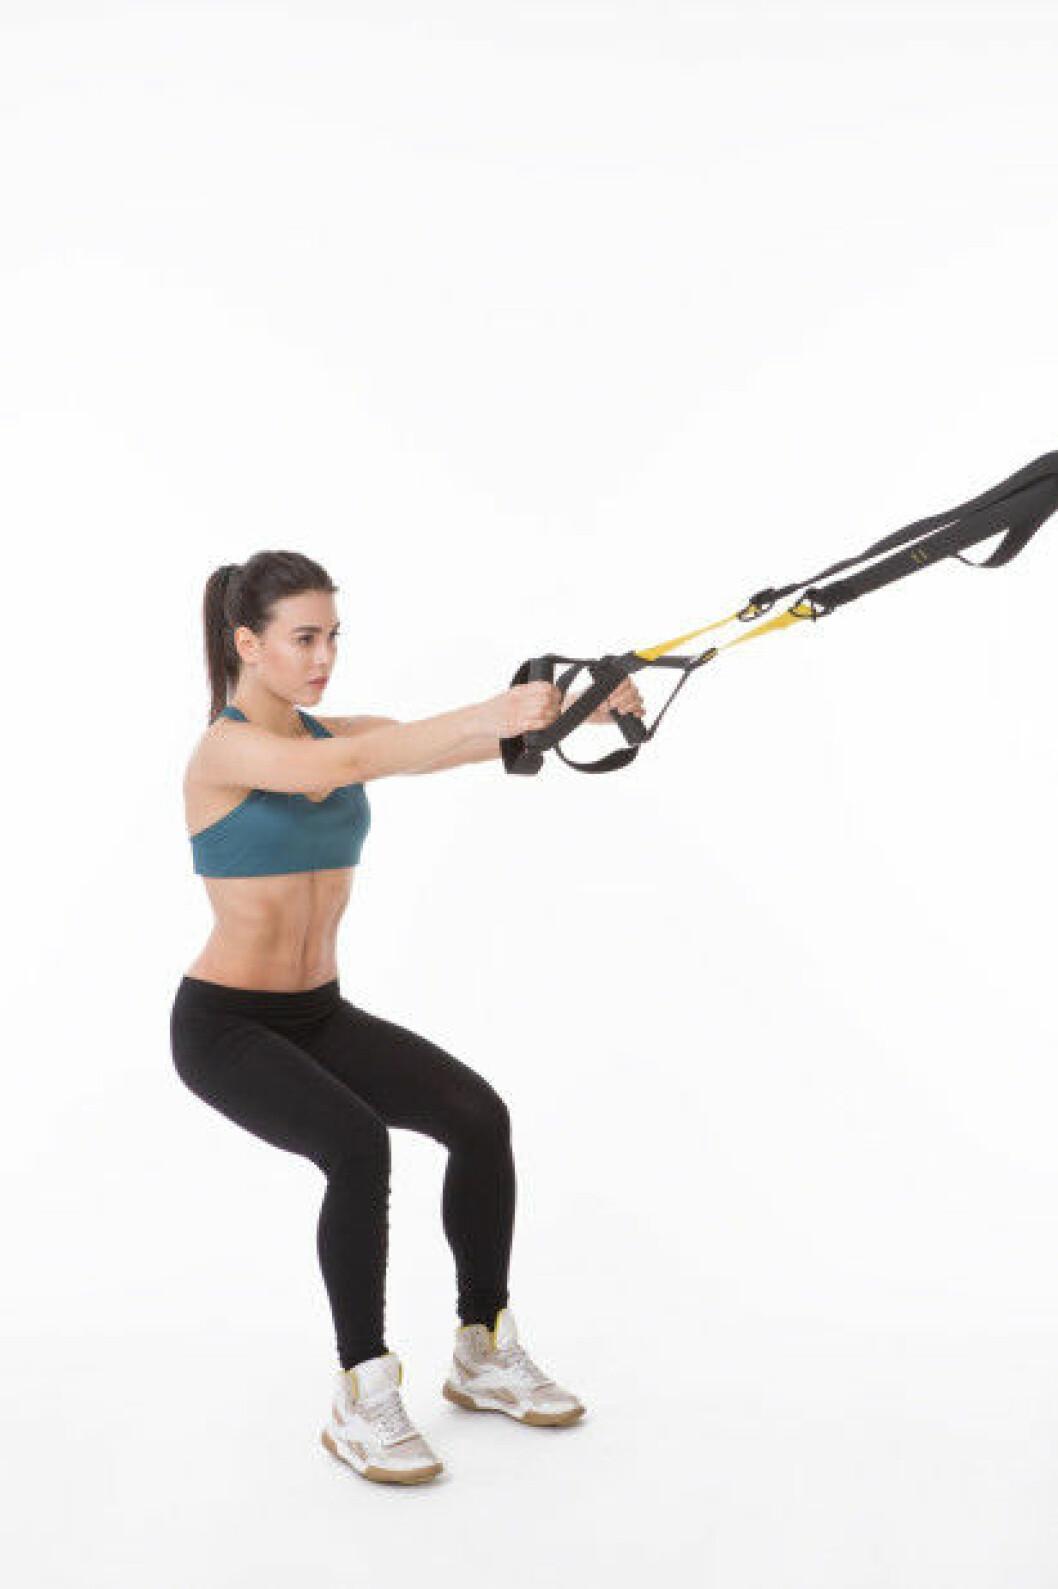 Gör squat med hjälp av TRX banden.